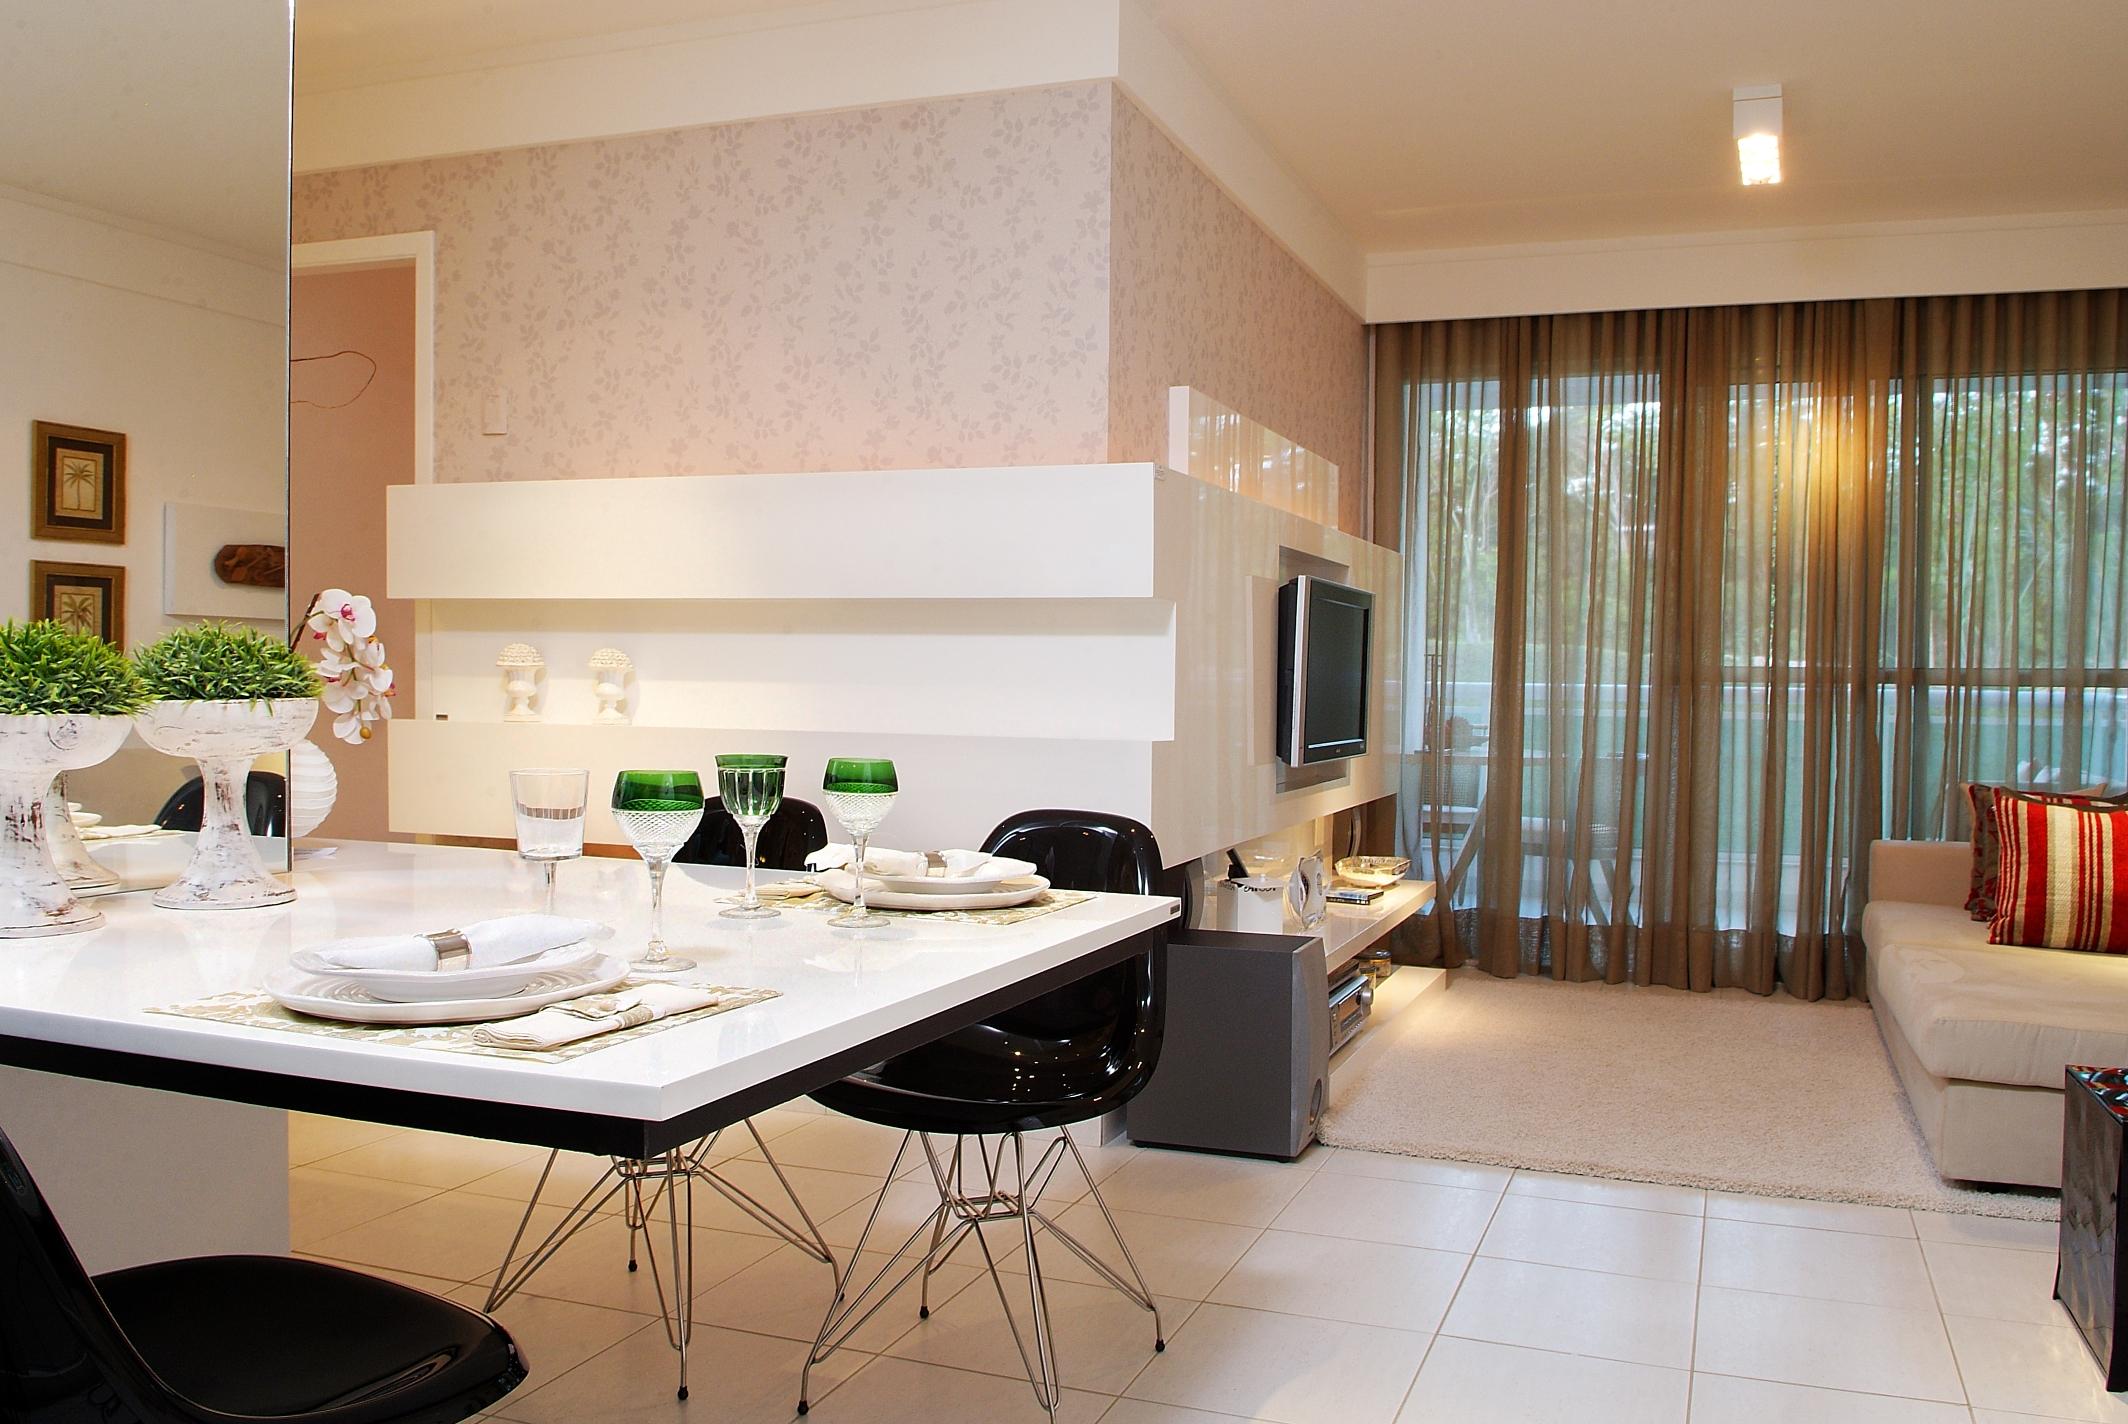 Sala integrada com mesa acoplada à parede